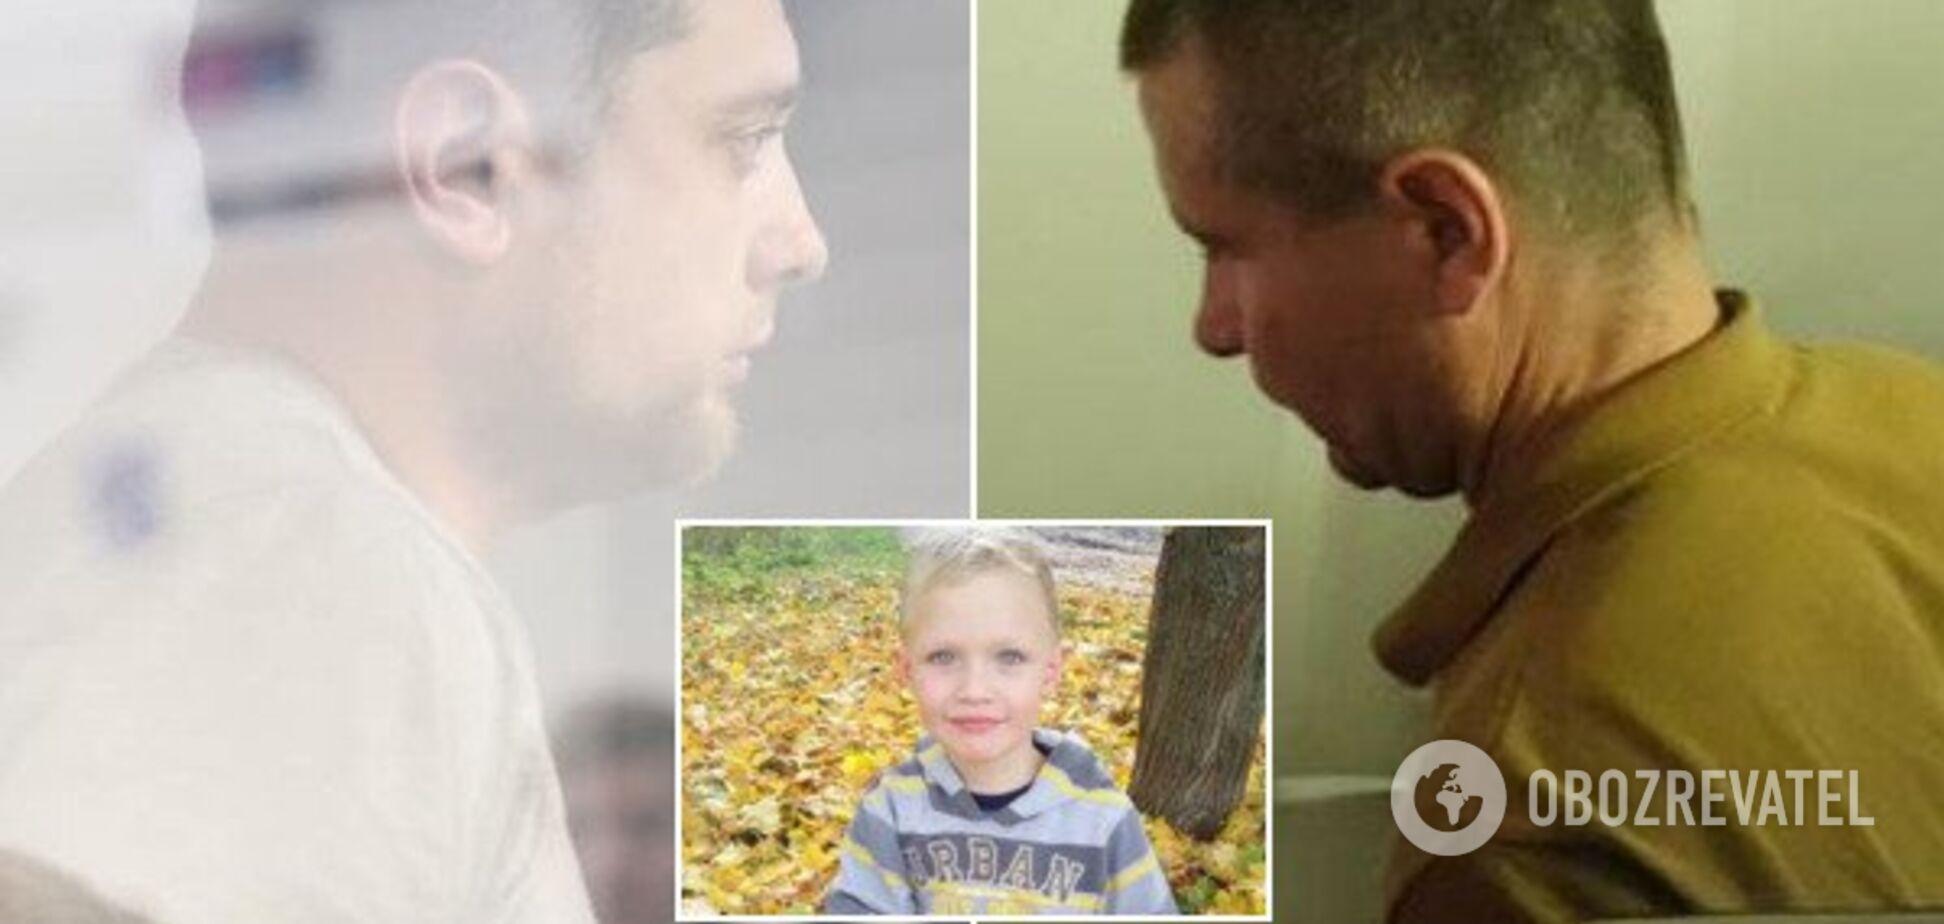 В Киеве арестовали полицейских, подозреваемых в убийстве ребенка: все подробности